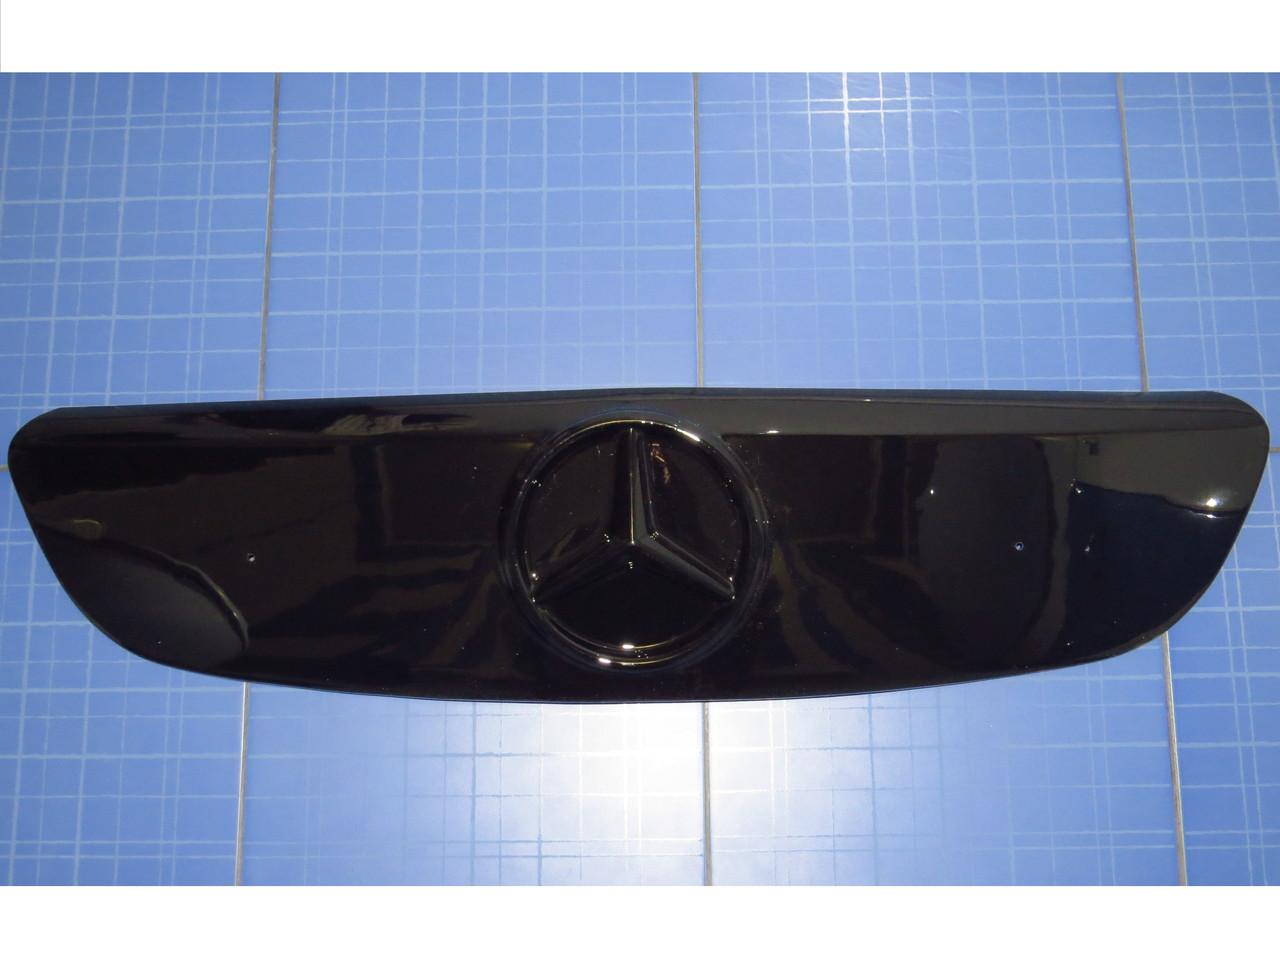 Зимняя заглушка решётки радиатора Мерседес Вито Виано верх 2003-2010 глянец Fly. Утеплитель Mercedes Vito